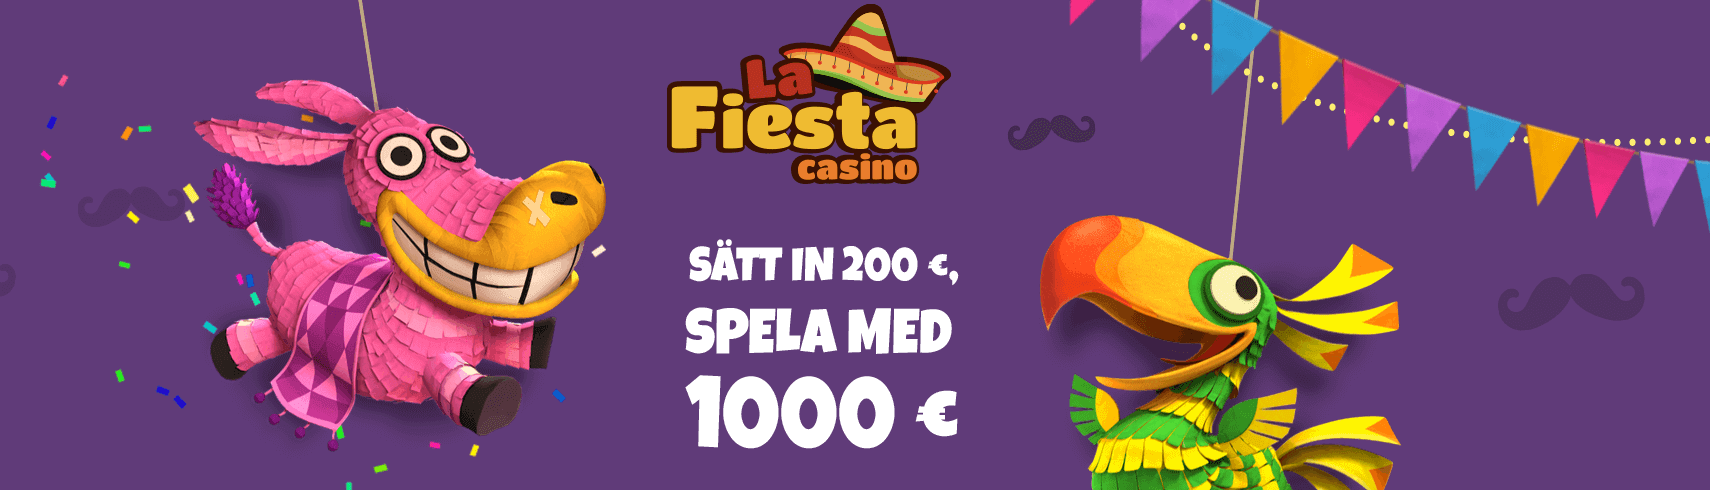 La Fiesta Casino välkomstbonus